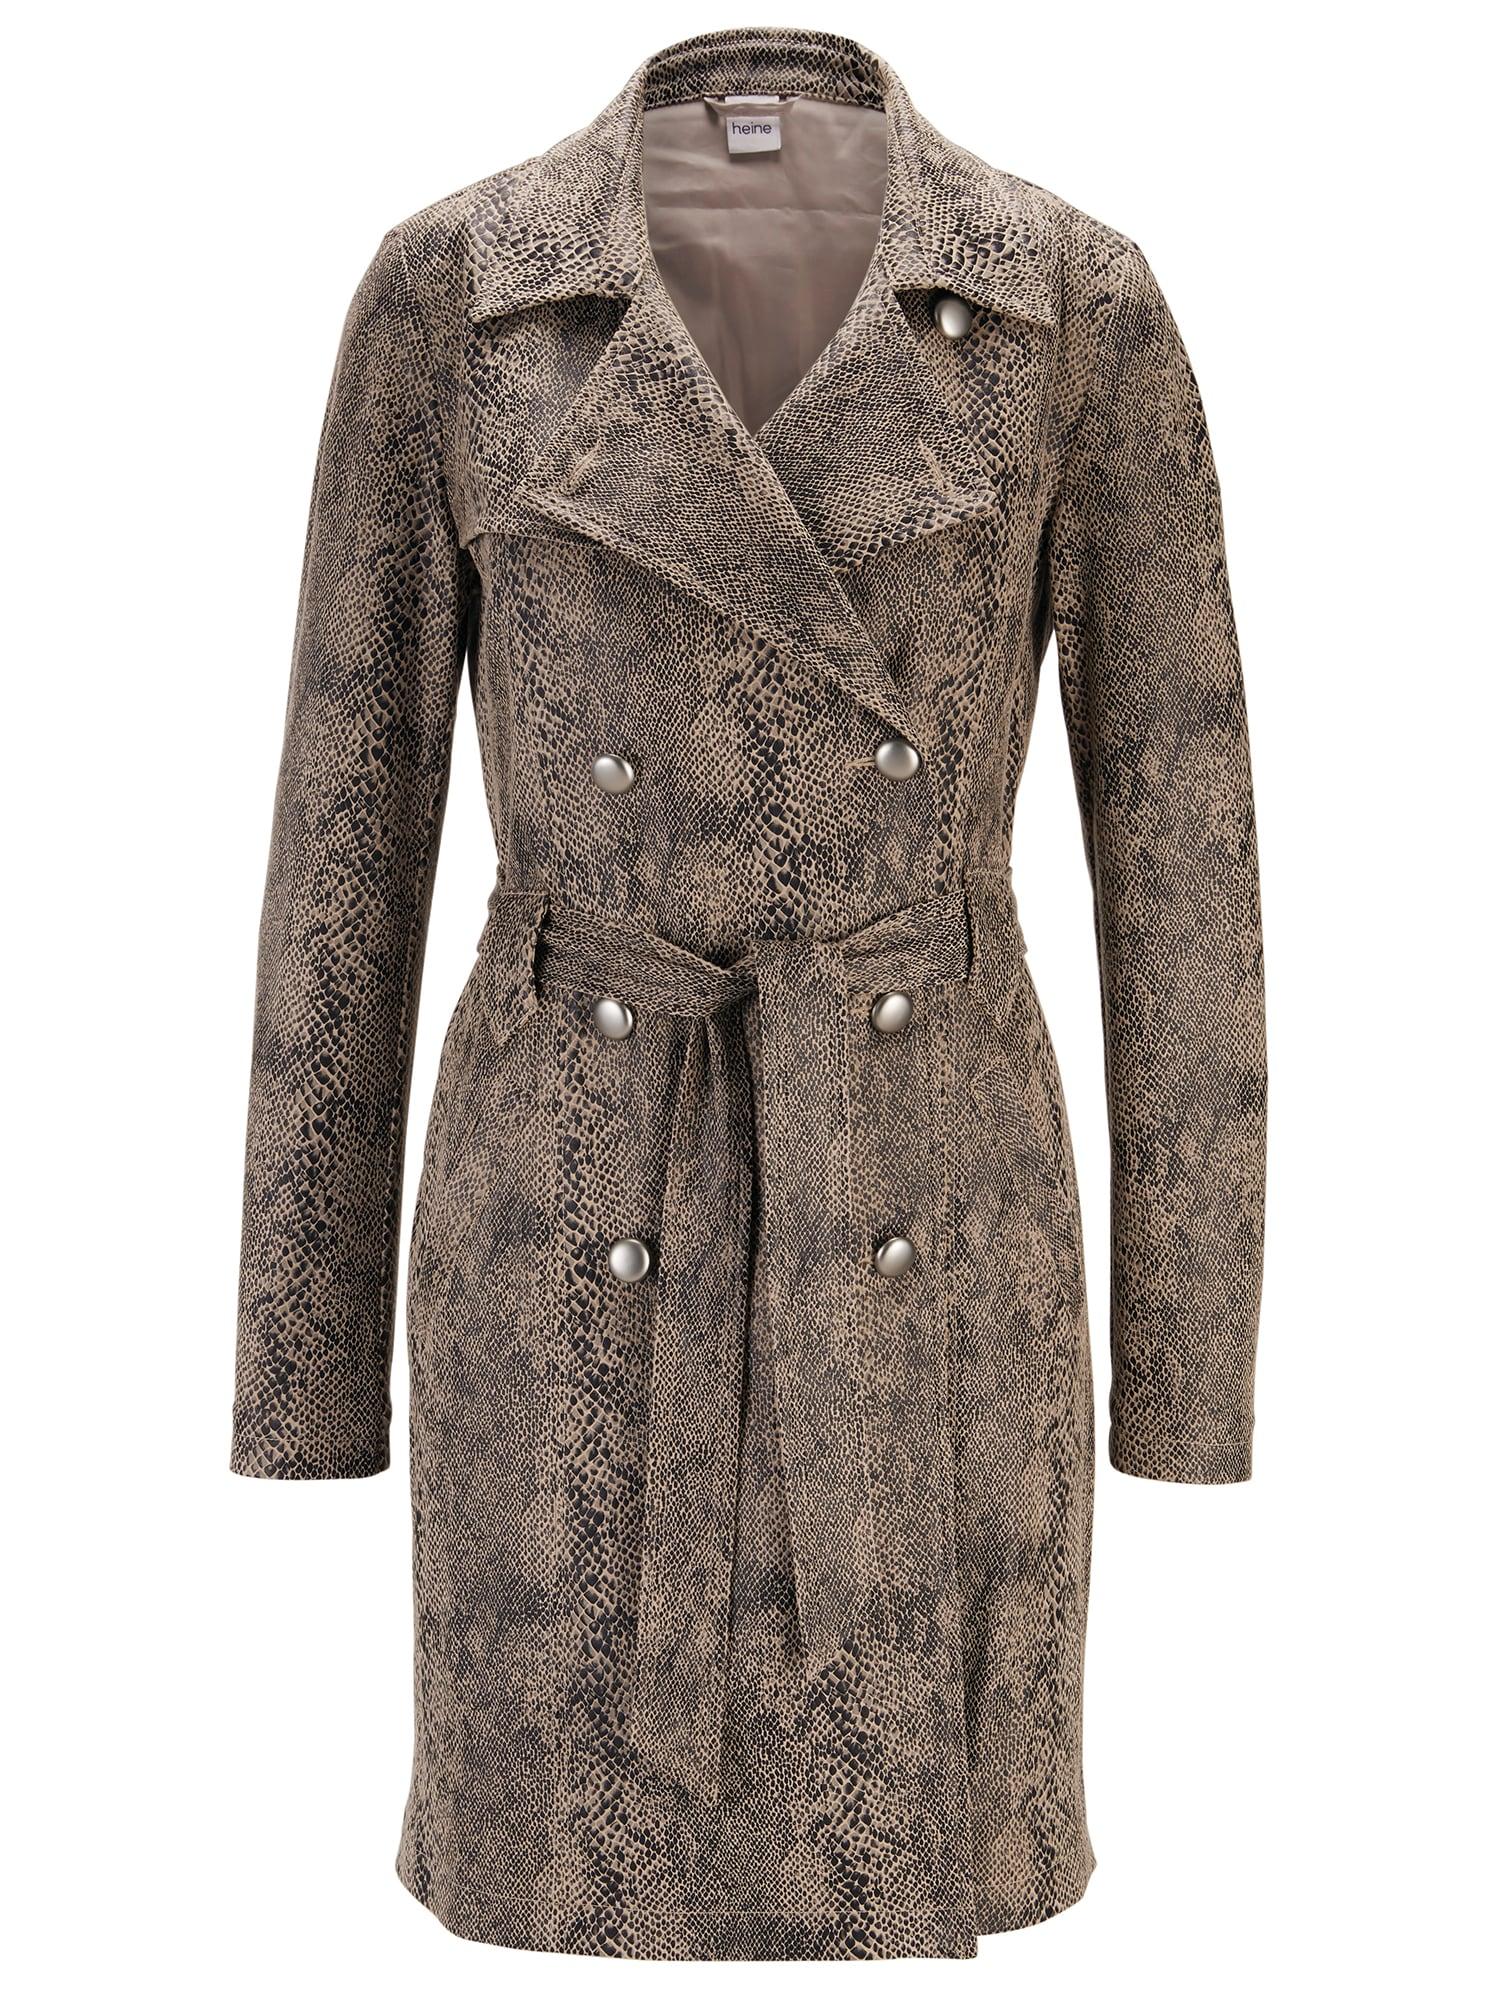 Přechodný kabát hnědá mix barev Heine